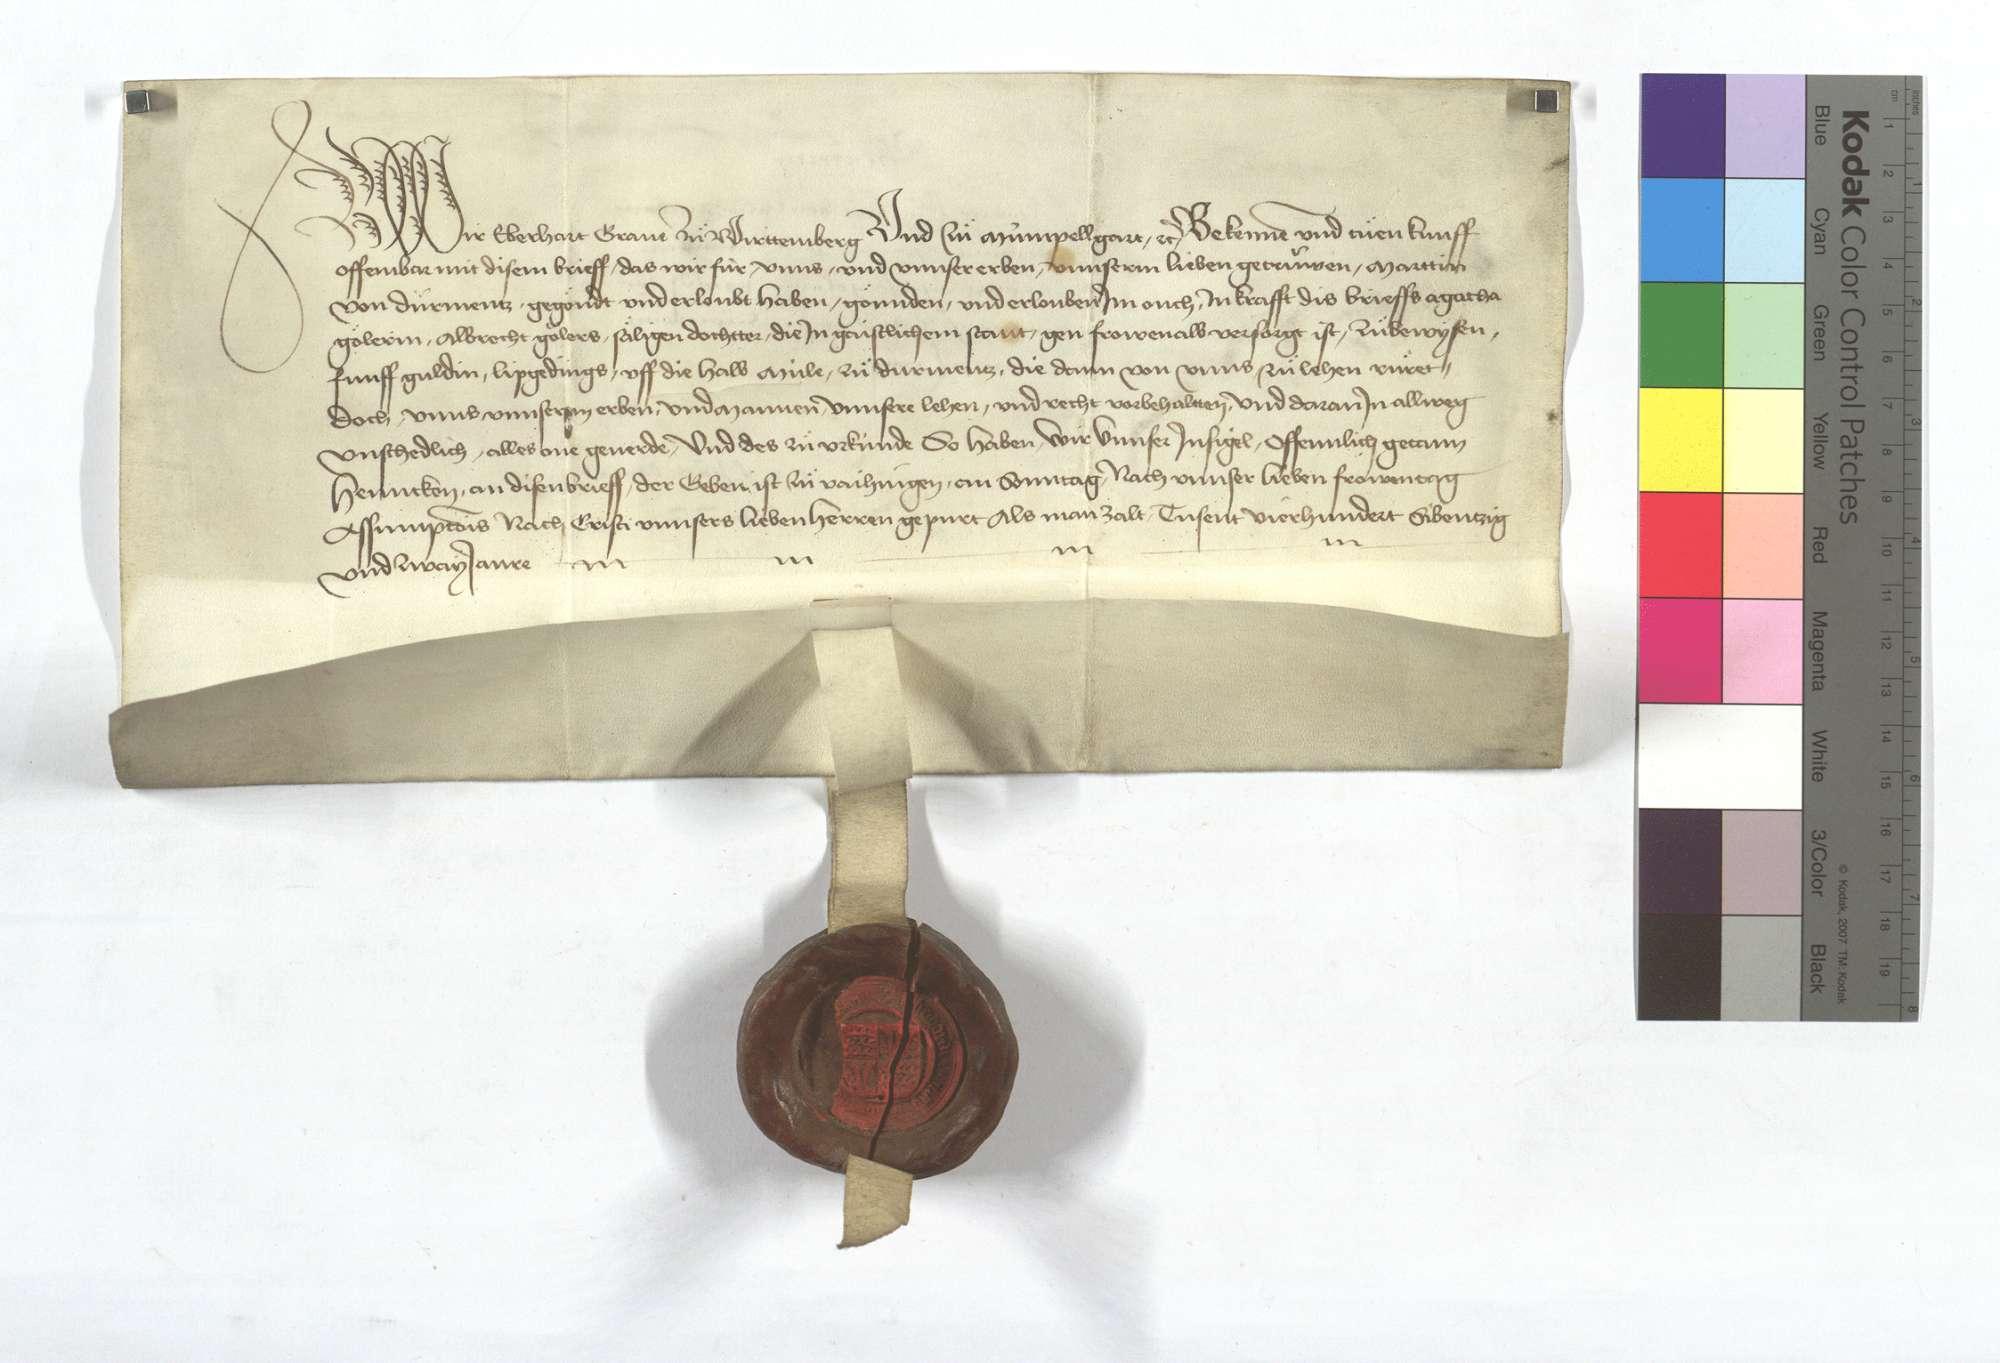 Bewilligung Graf Eberhards von Württemberg (Wirtemberg), dass Martin von Dürrmenz Albrecht Gölers Tochter 5 Gulden Leibgeding auf der Mühle in Dürrmenz, die von Württemberg (Wirtemberg) zu Lehen rühren, anweisen möge., Text